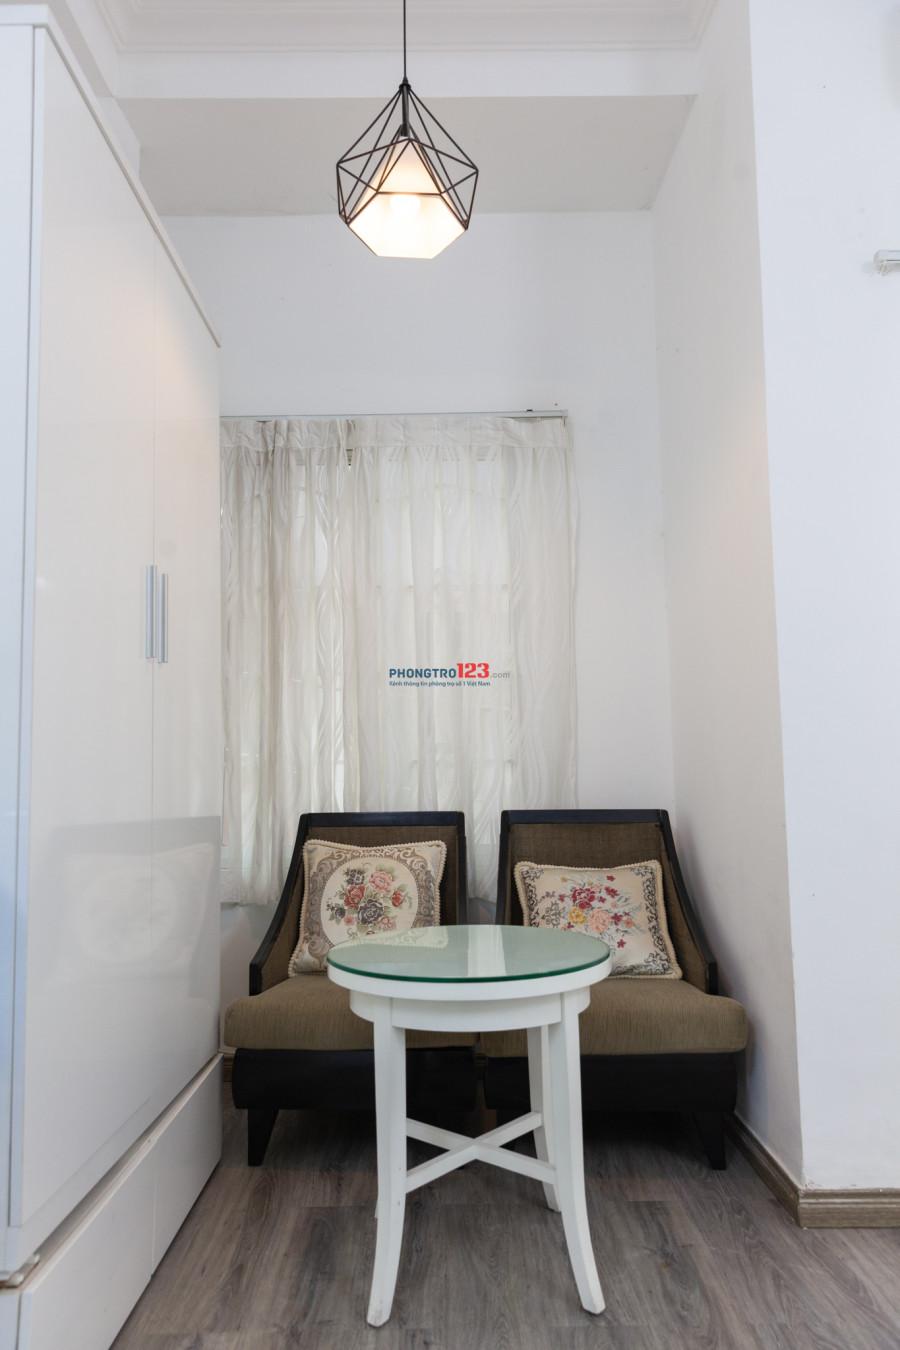 Căn hộ mini 35m2 Q.1, có ban công và cửa sổ, full nội thất, free dịch vụ, 10,2 triệu/tháng